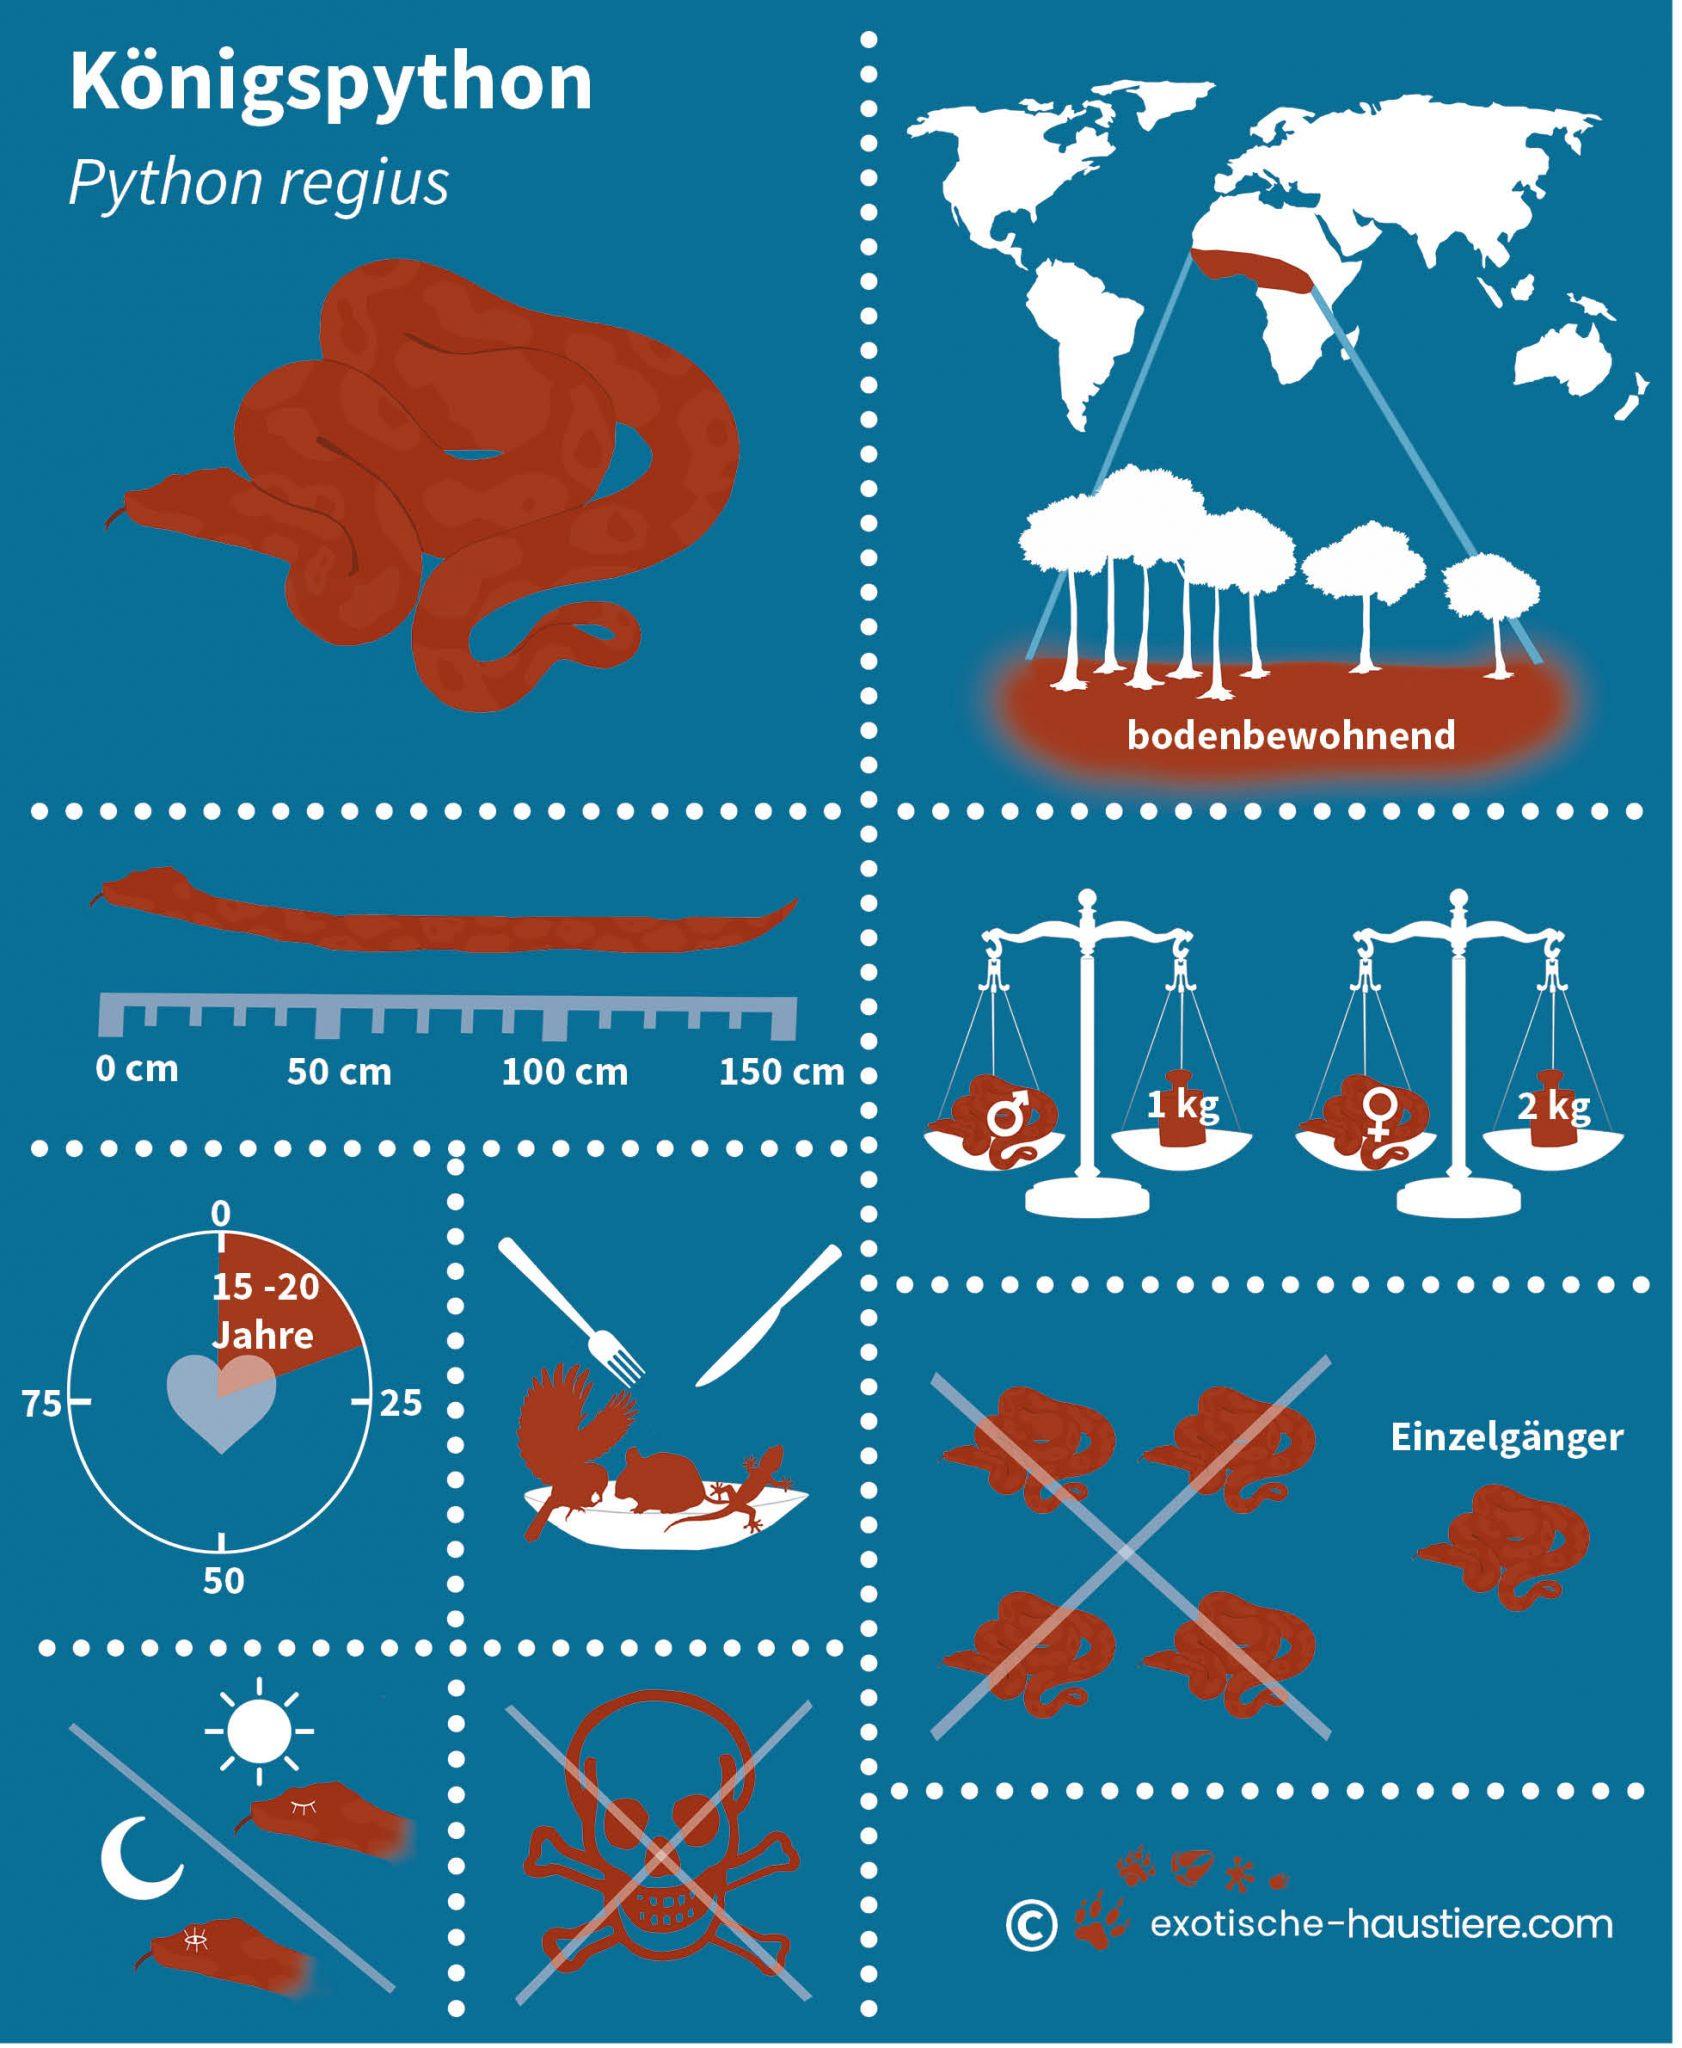 Eine Infografik zur Königspython Haltung